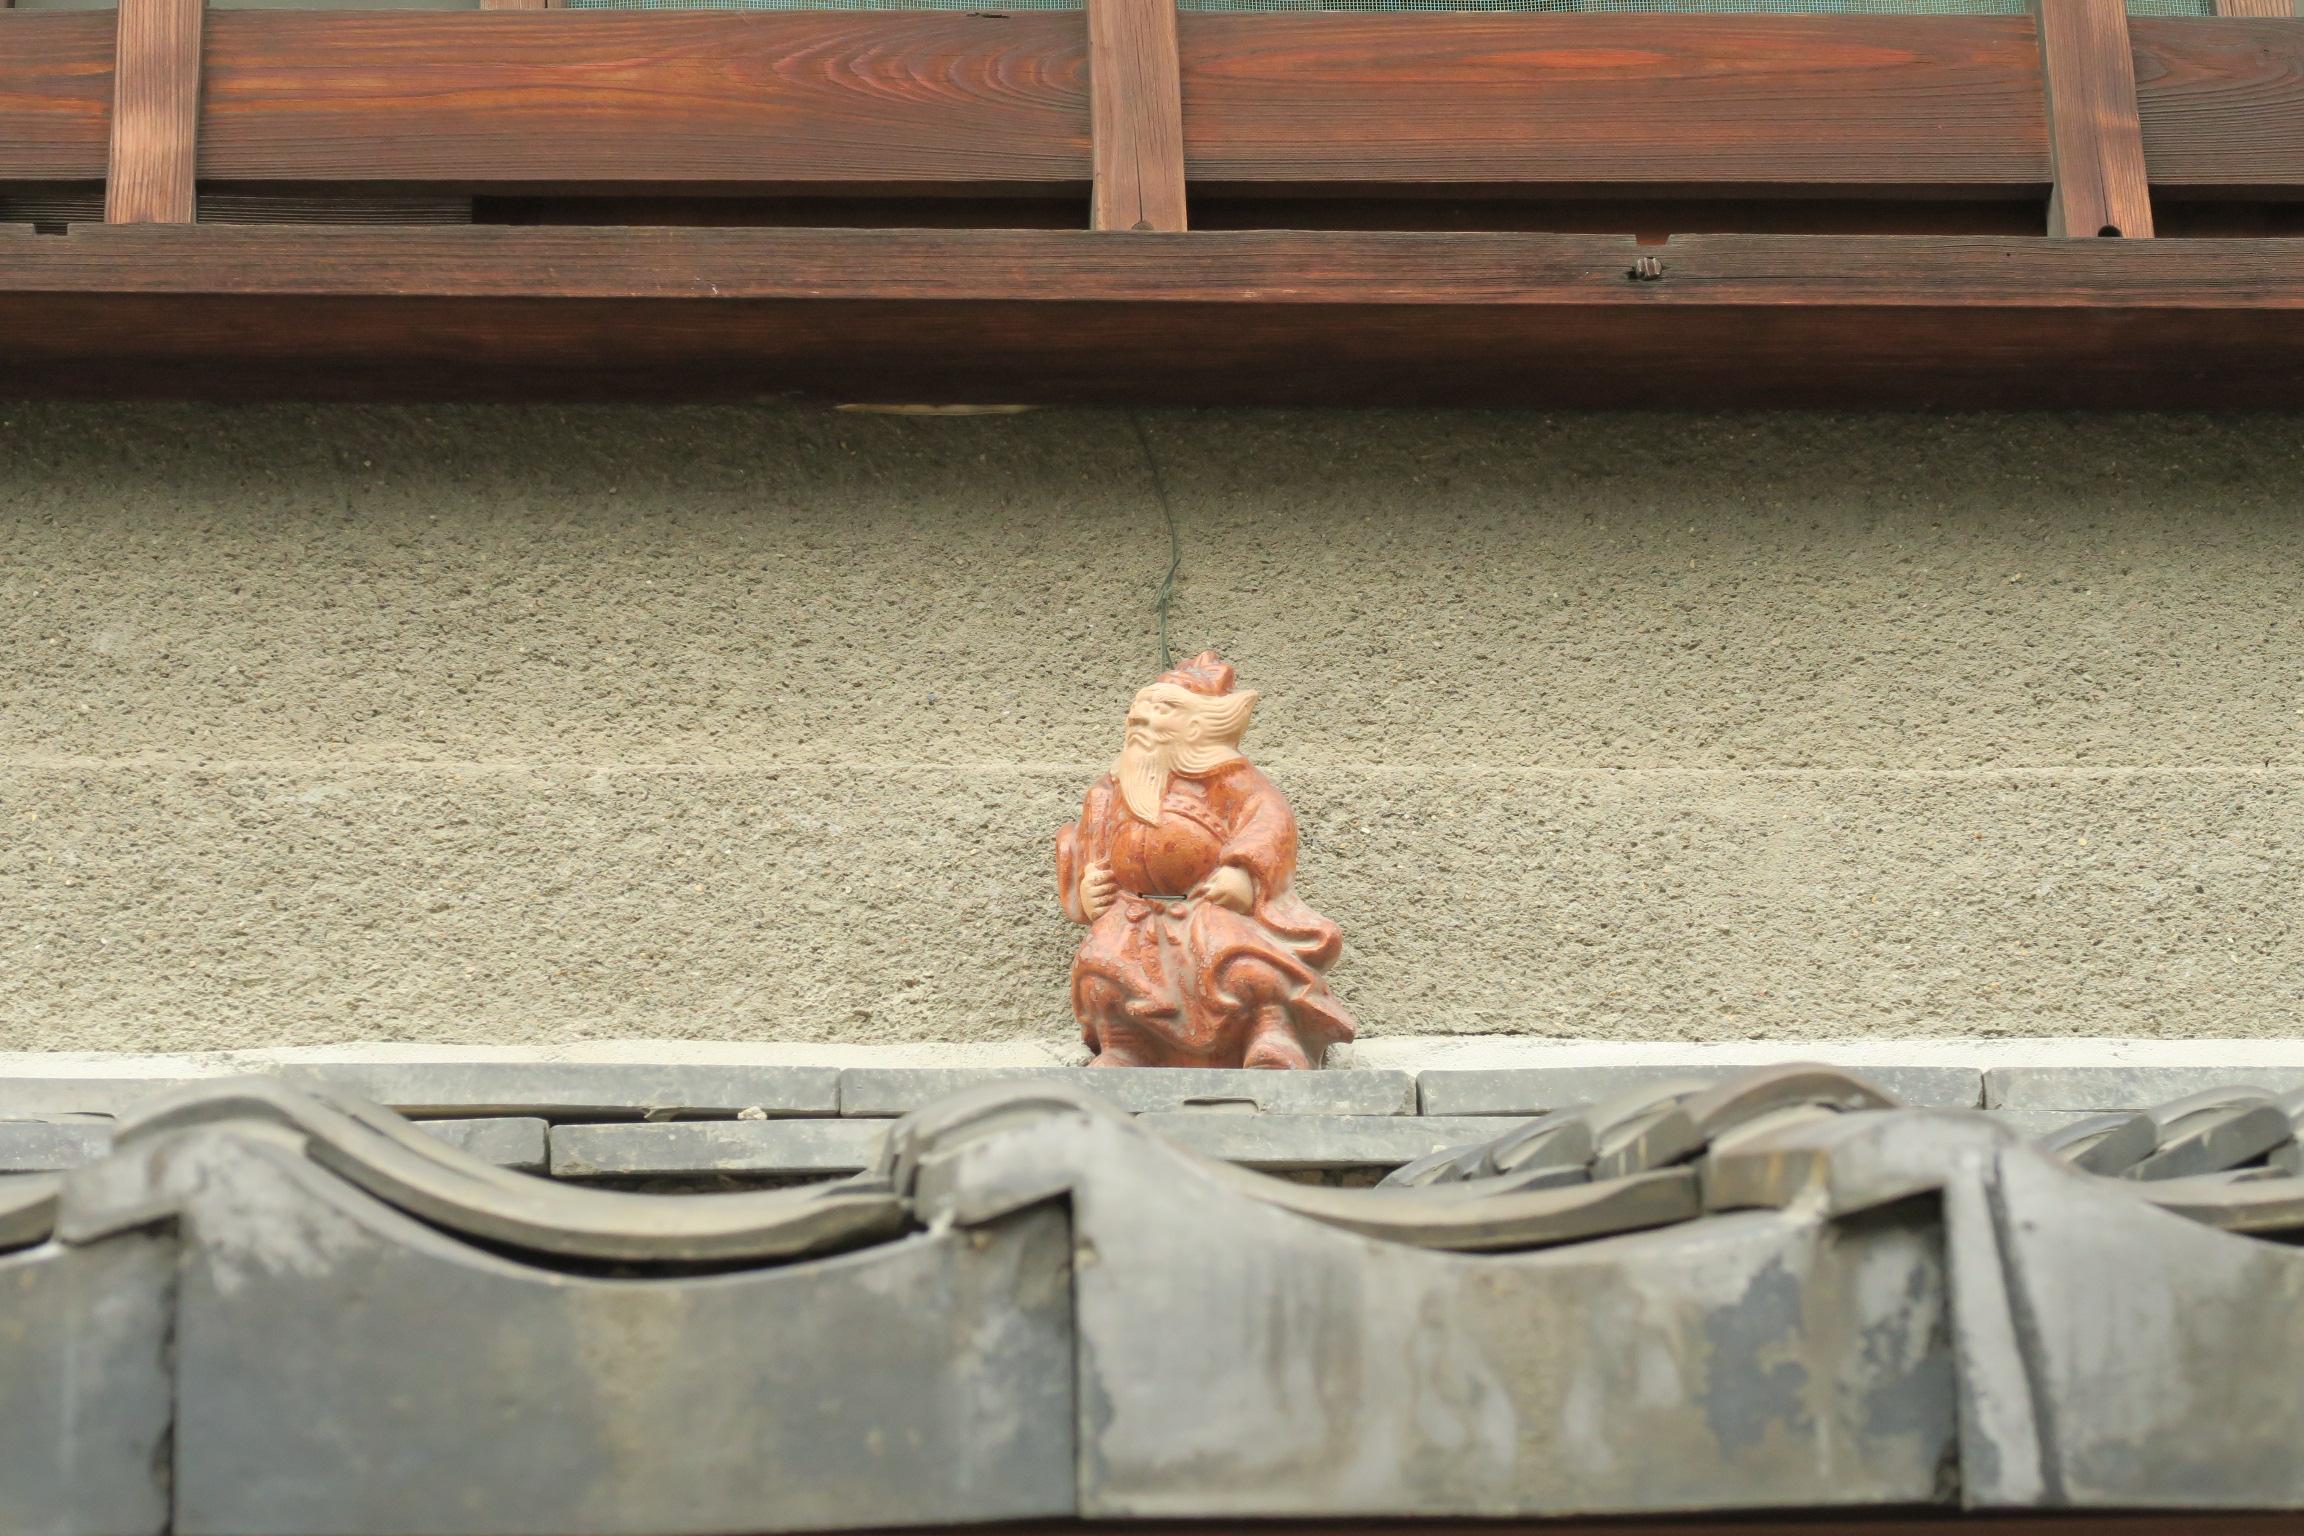 家に玄関上に飾られている置物なんですが、どのような意味があるのでしょうかね?こんど聞いてみます。